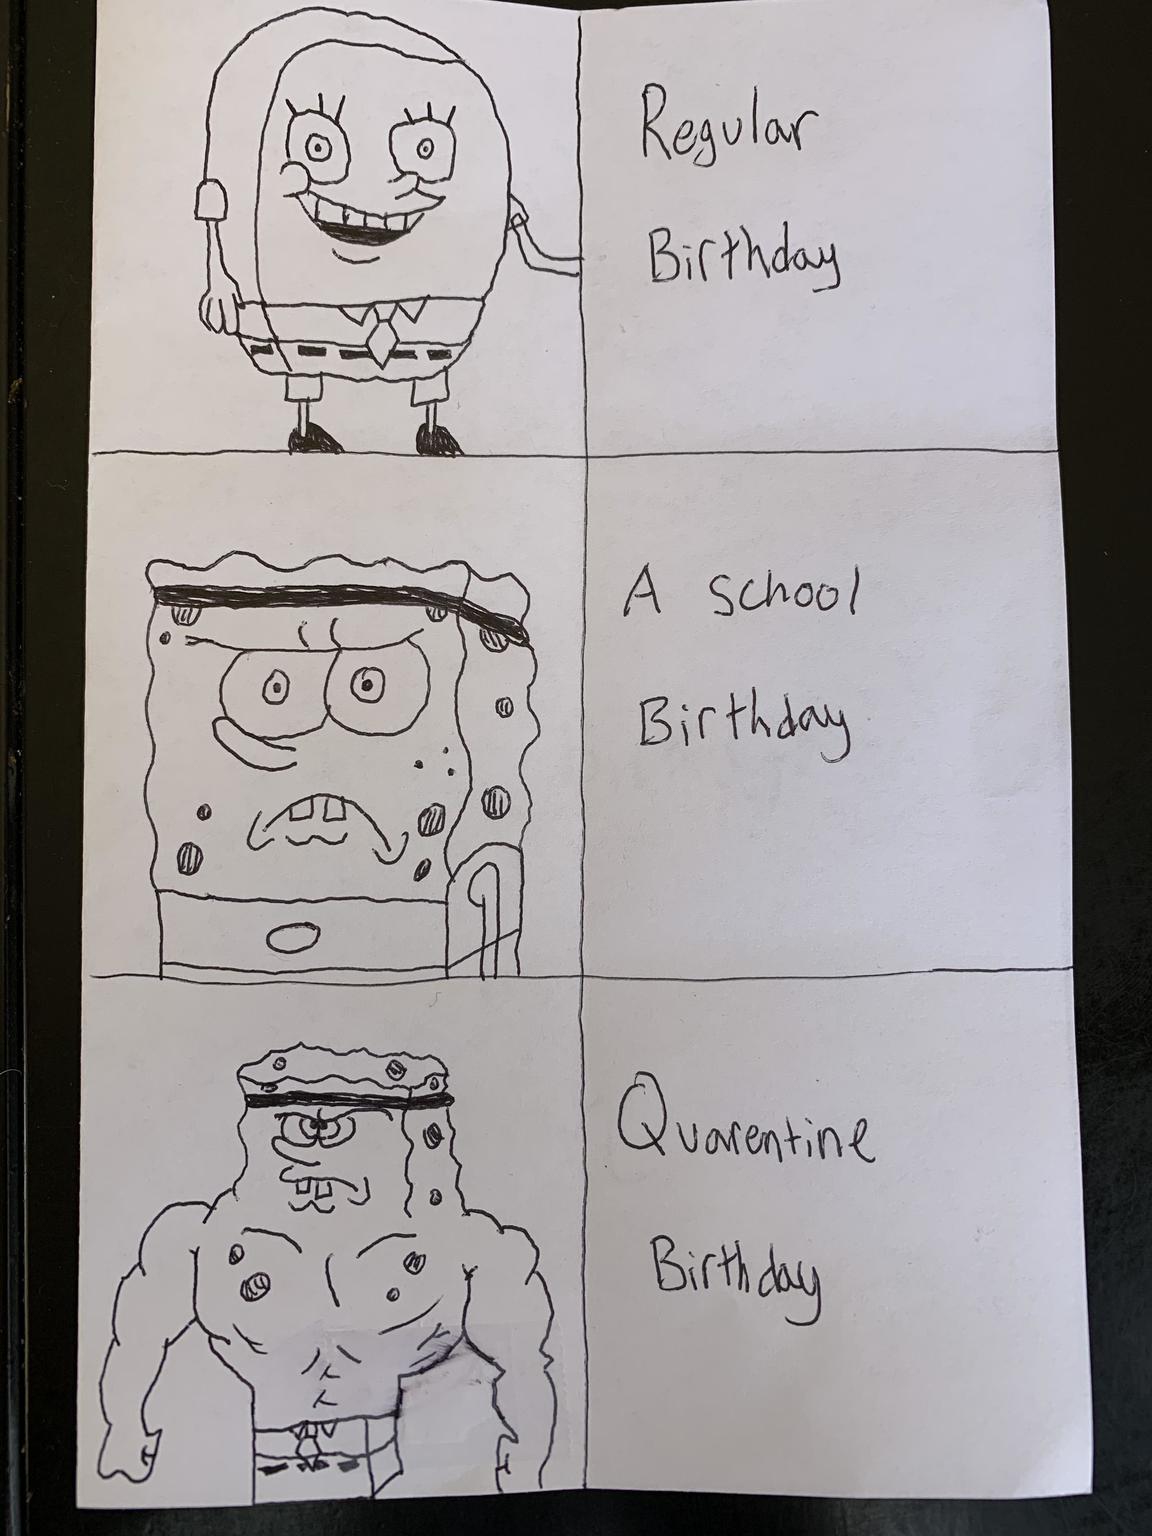 Bad hand-drawn meme